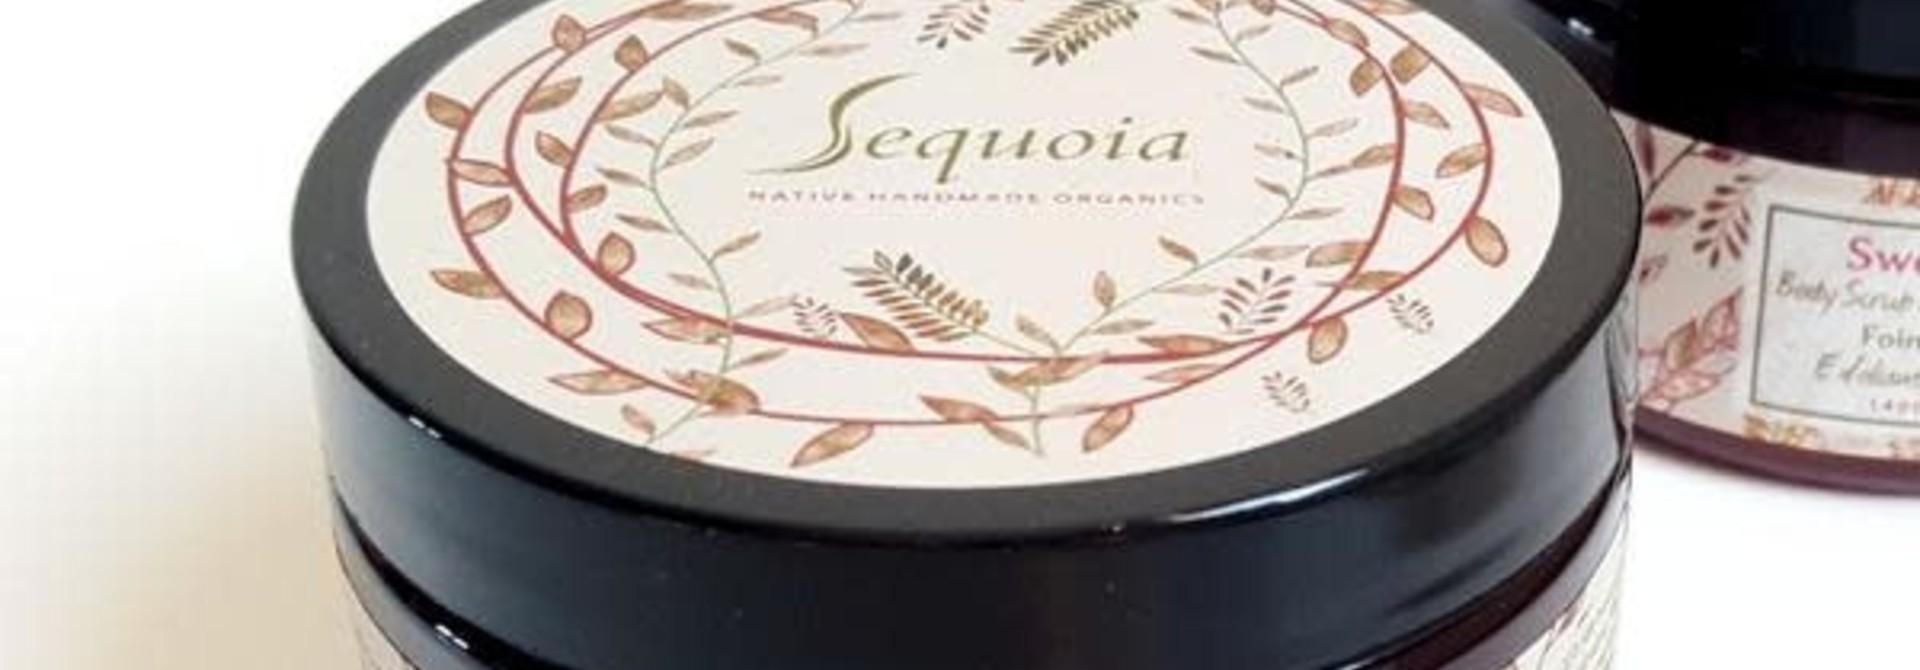 Sequoia Body Scrub- Sweetgrass